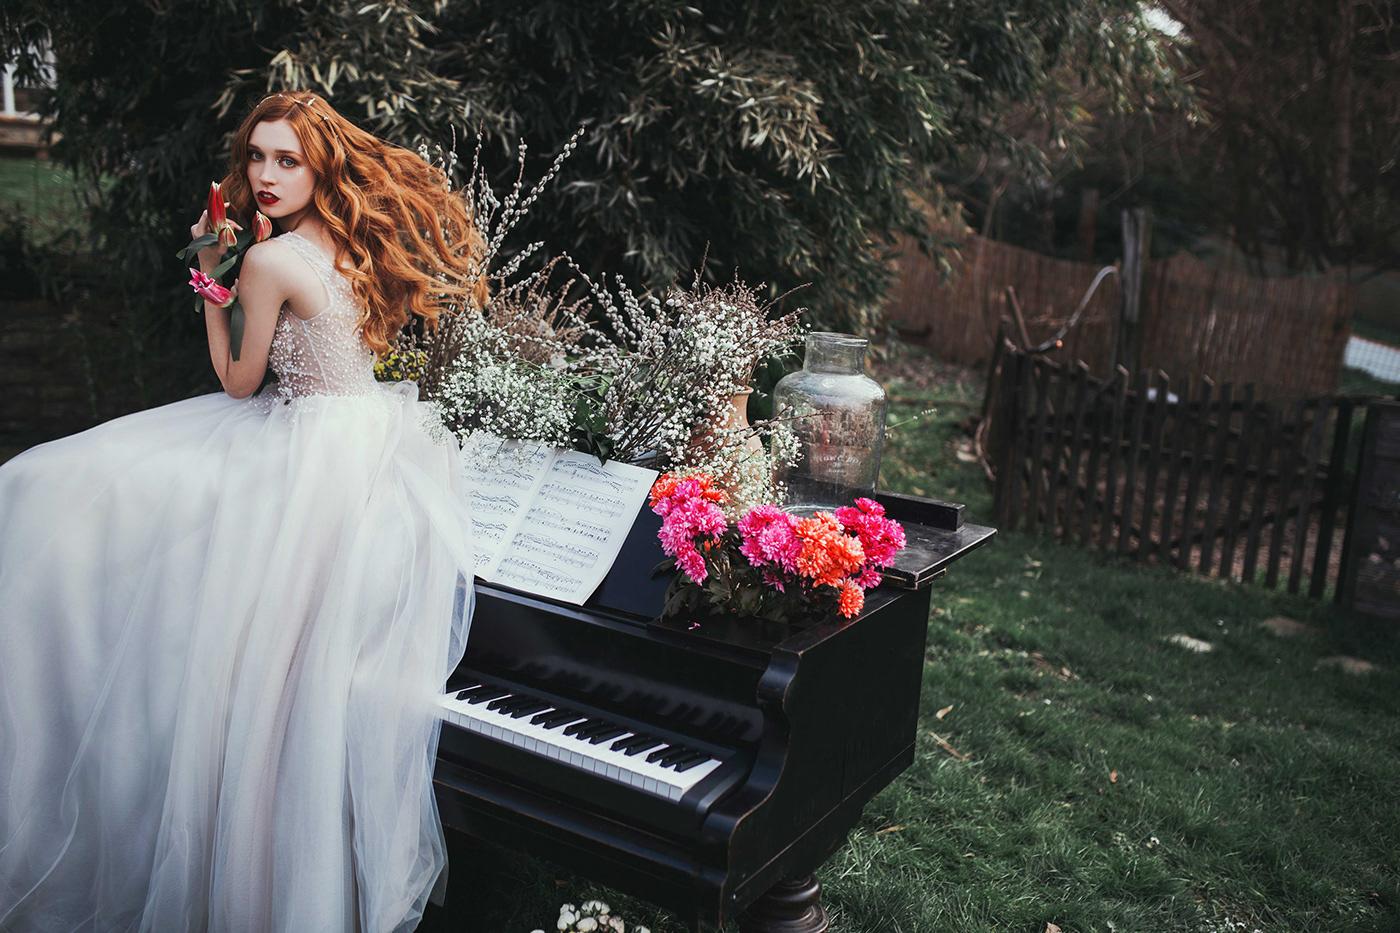 Piano girl / фото Jovana Rikalo